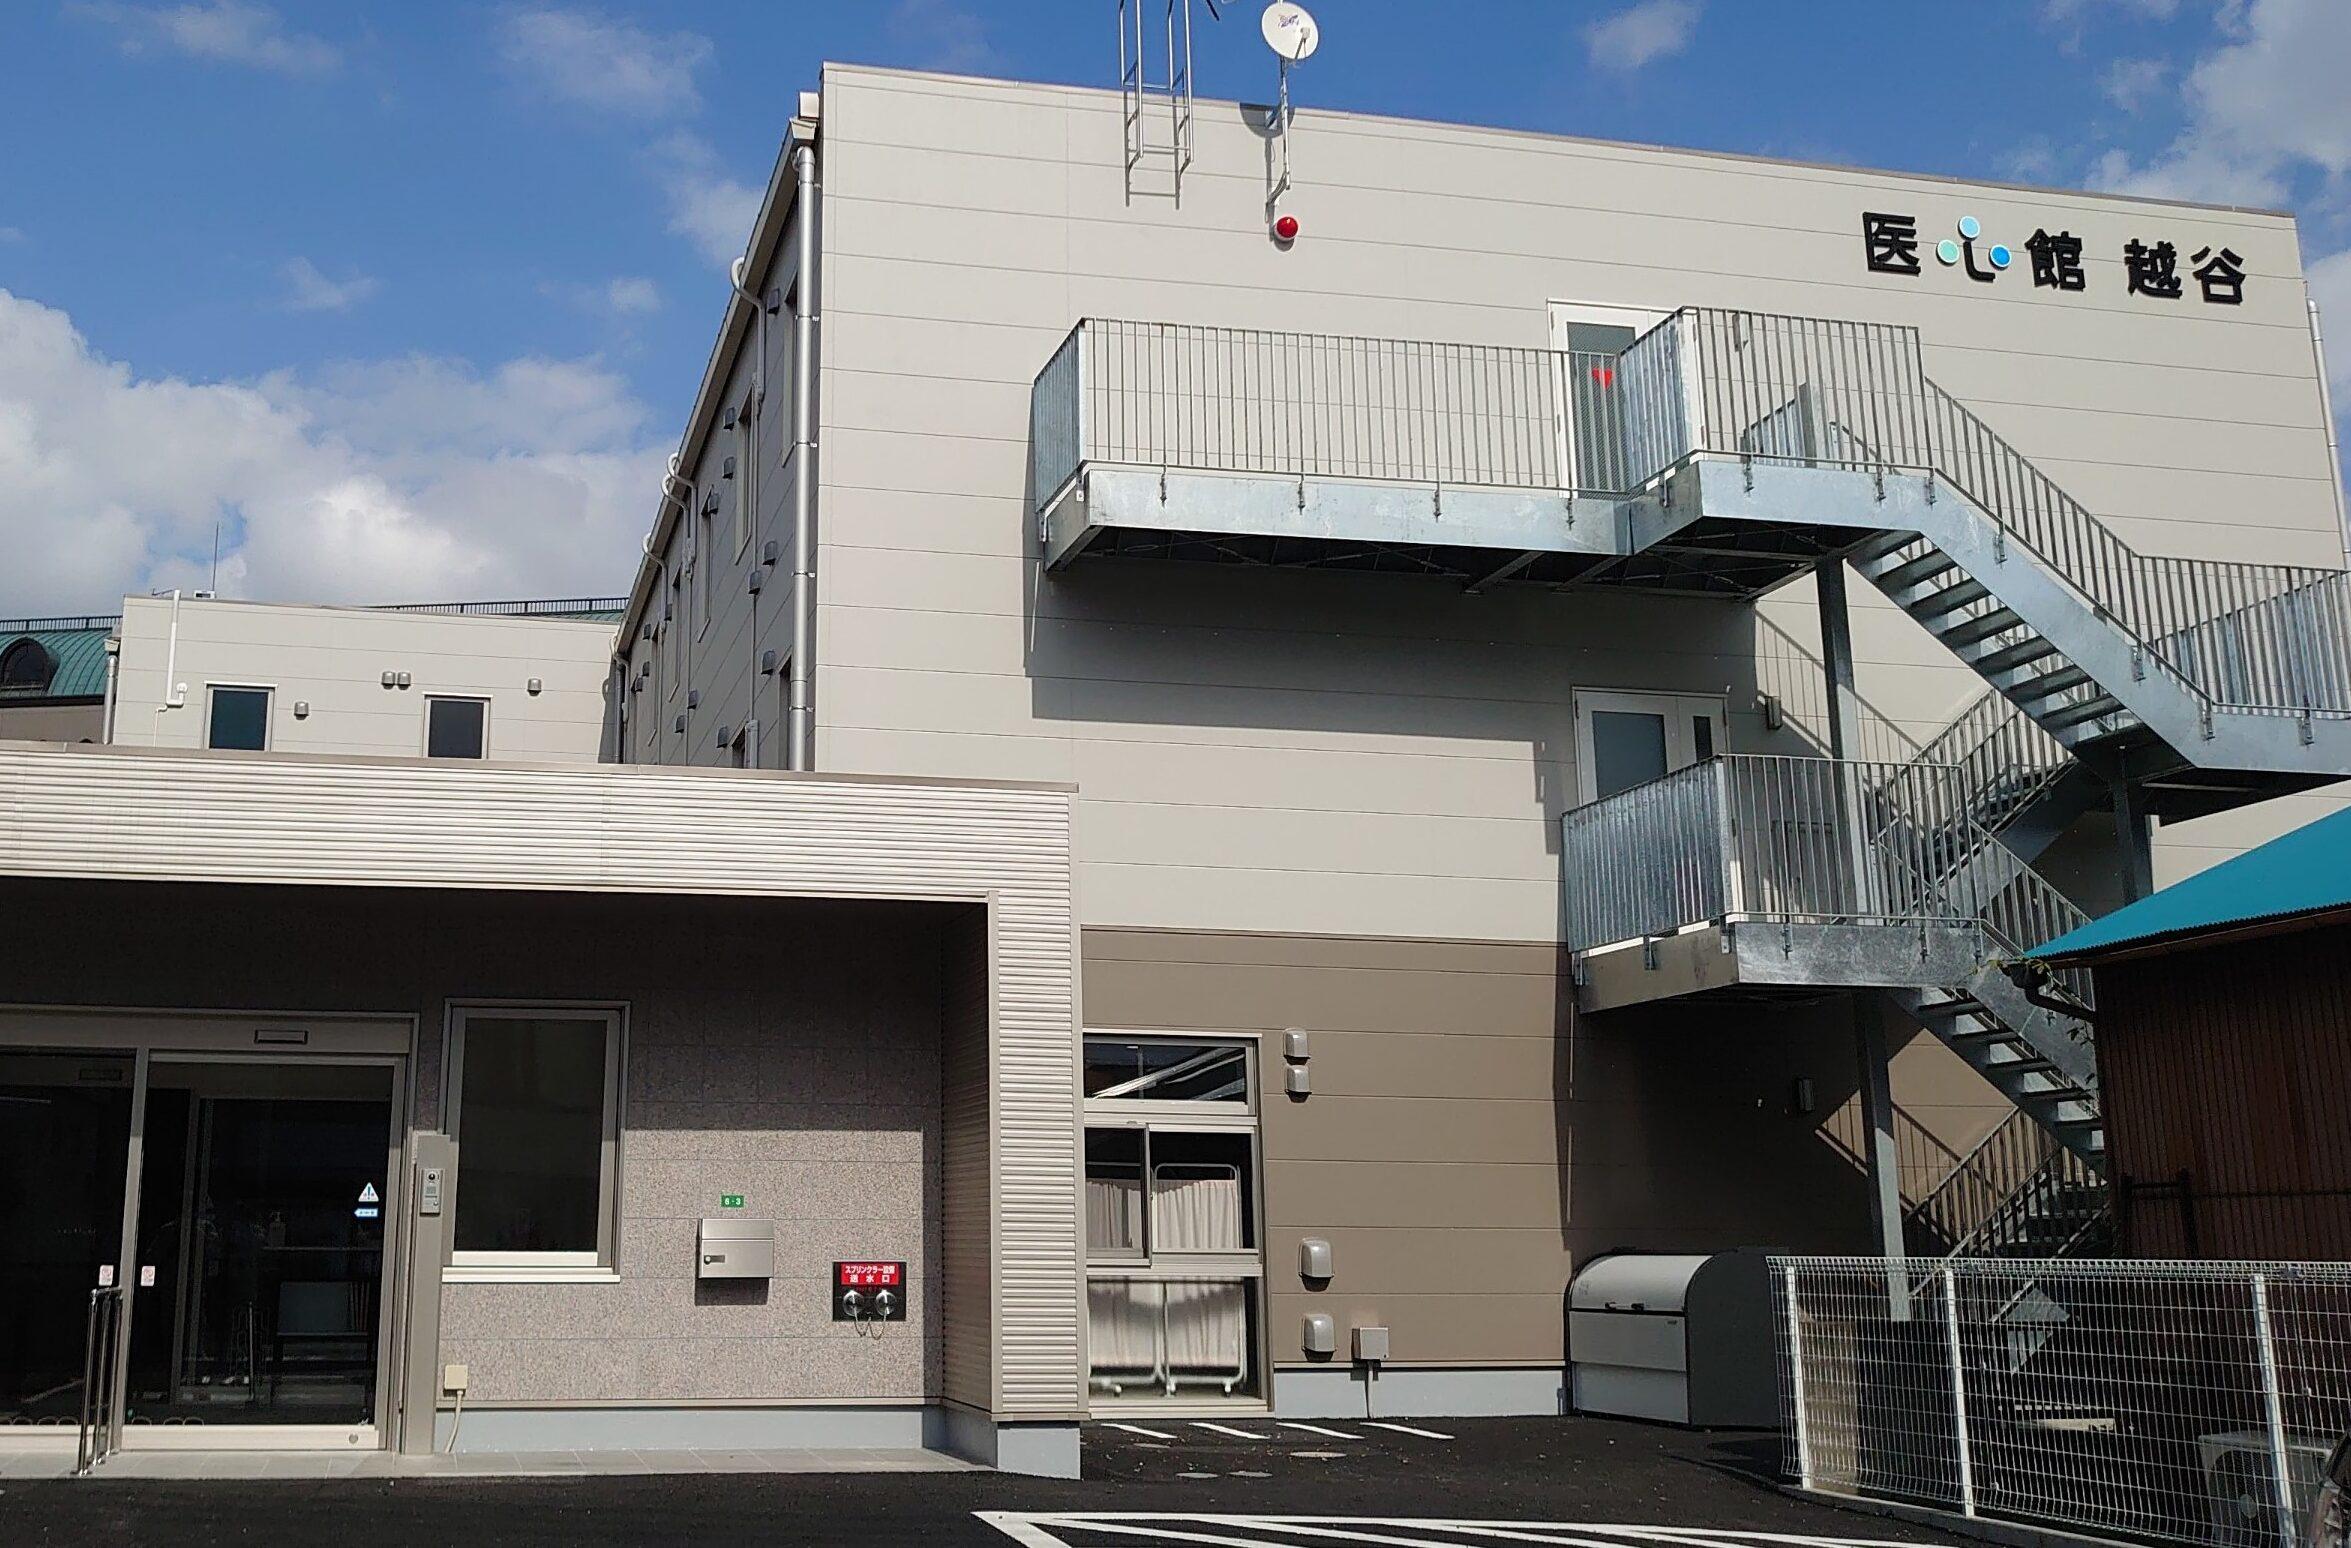 埼玉県では6施設目となる有料老人ホーム「医心館 越谷」をオープンしました